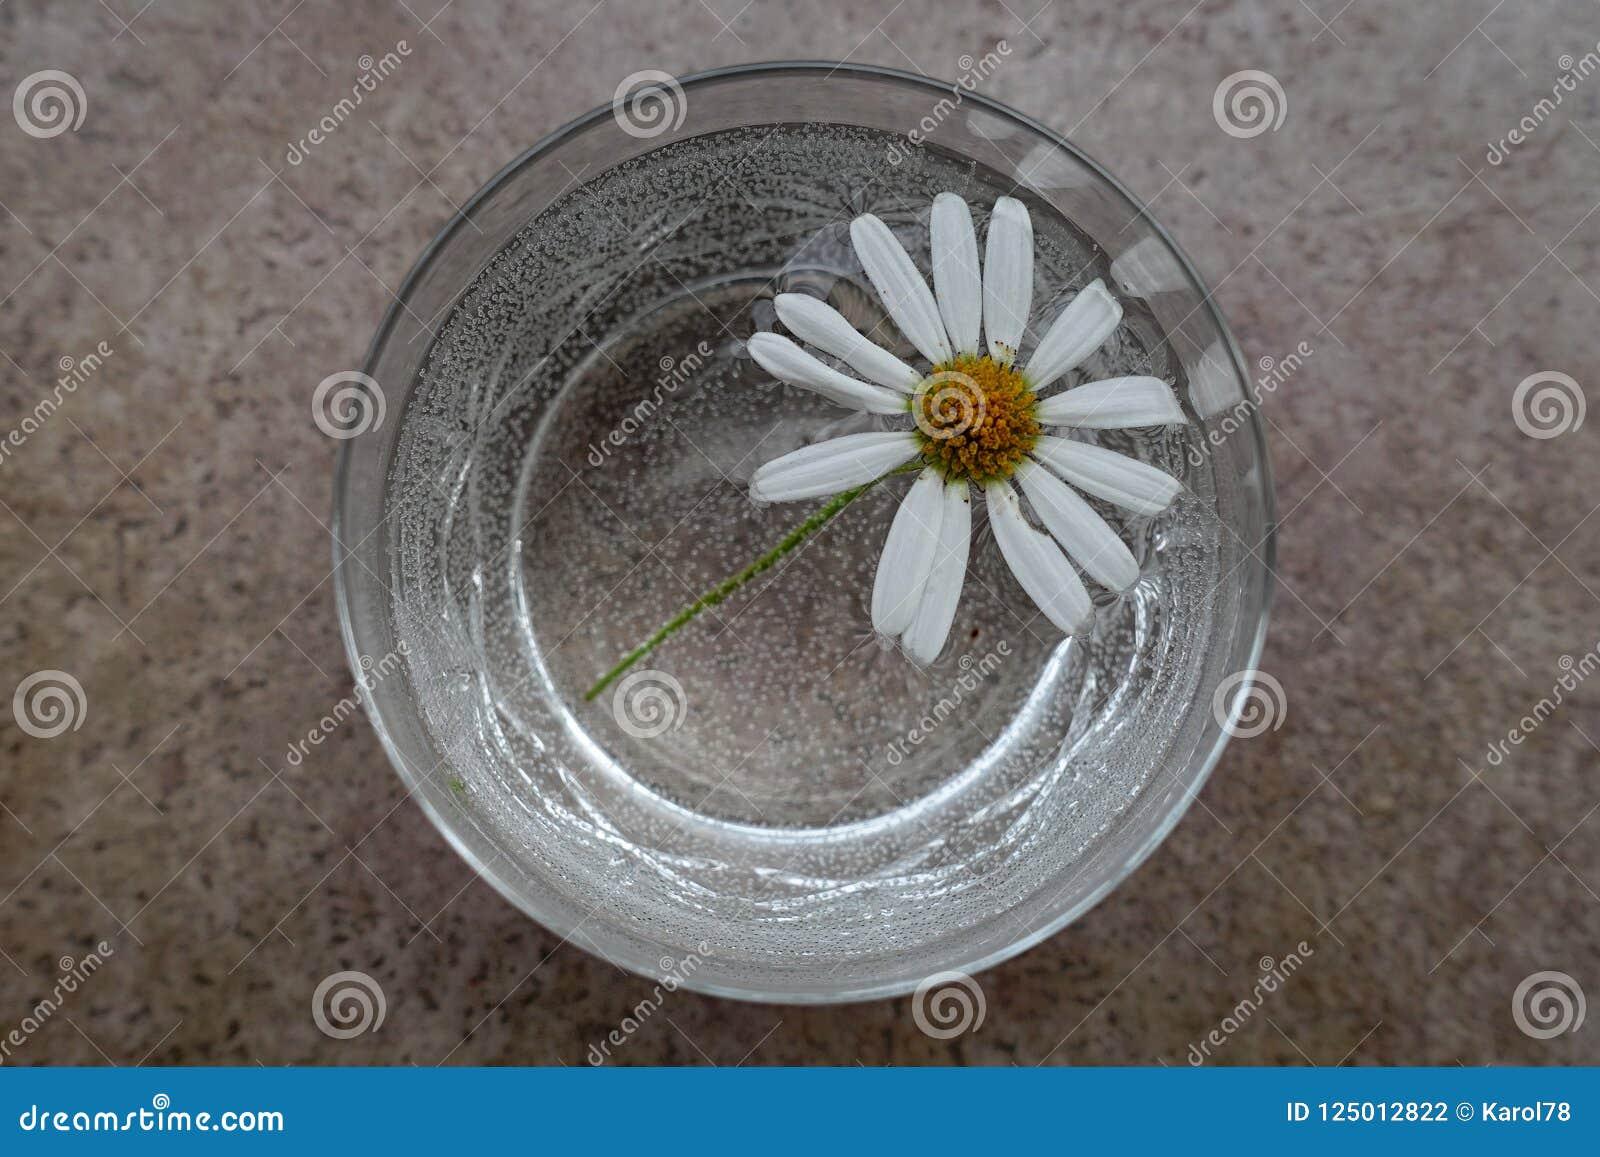 雏菊与白色瓣的延命菊花在刻花玻璃